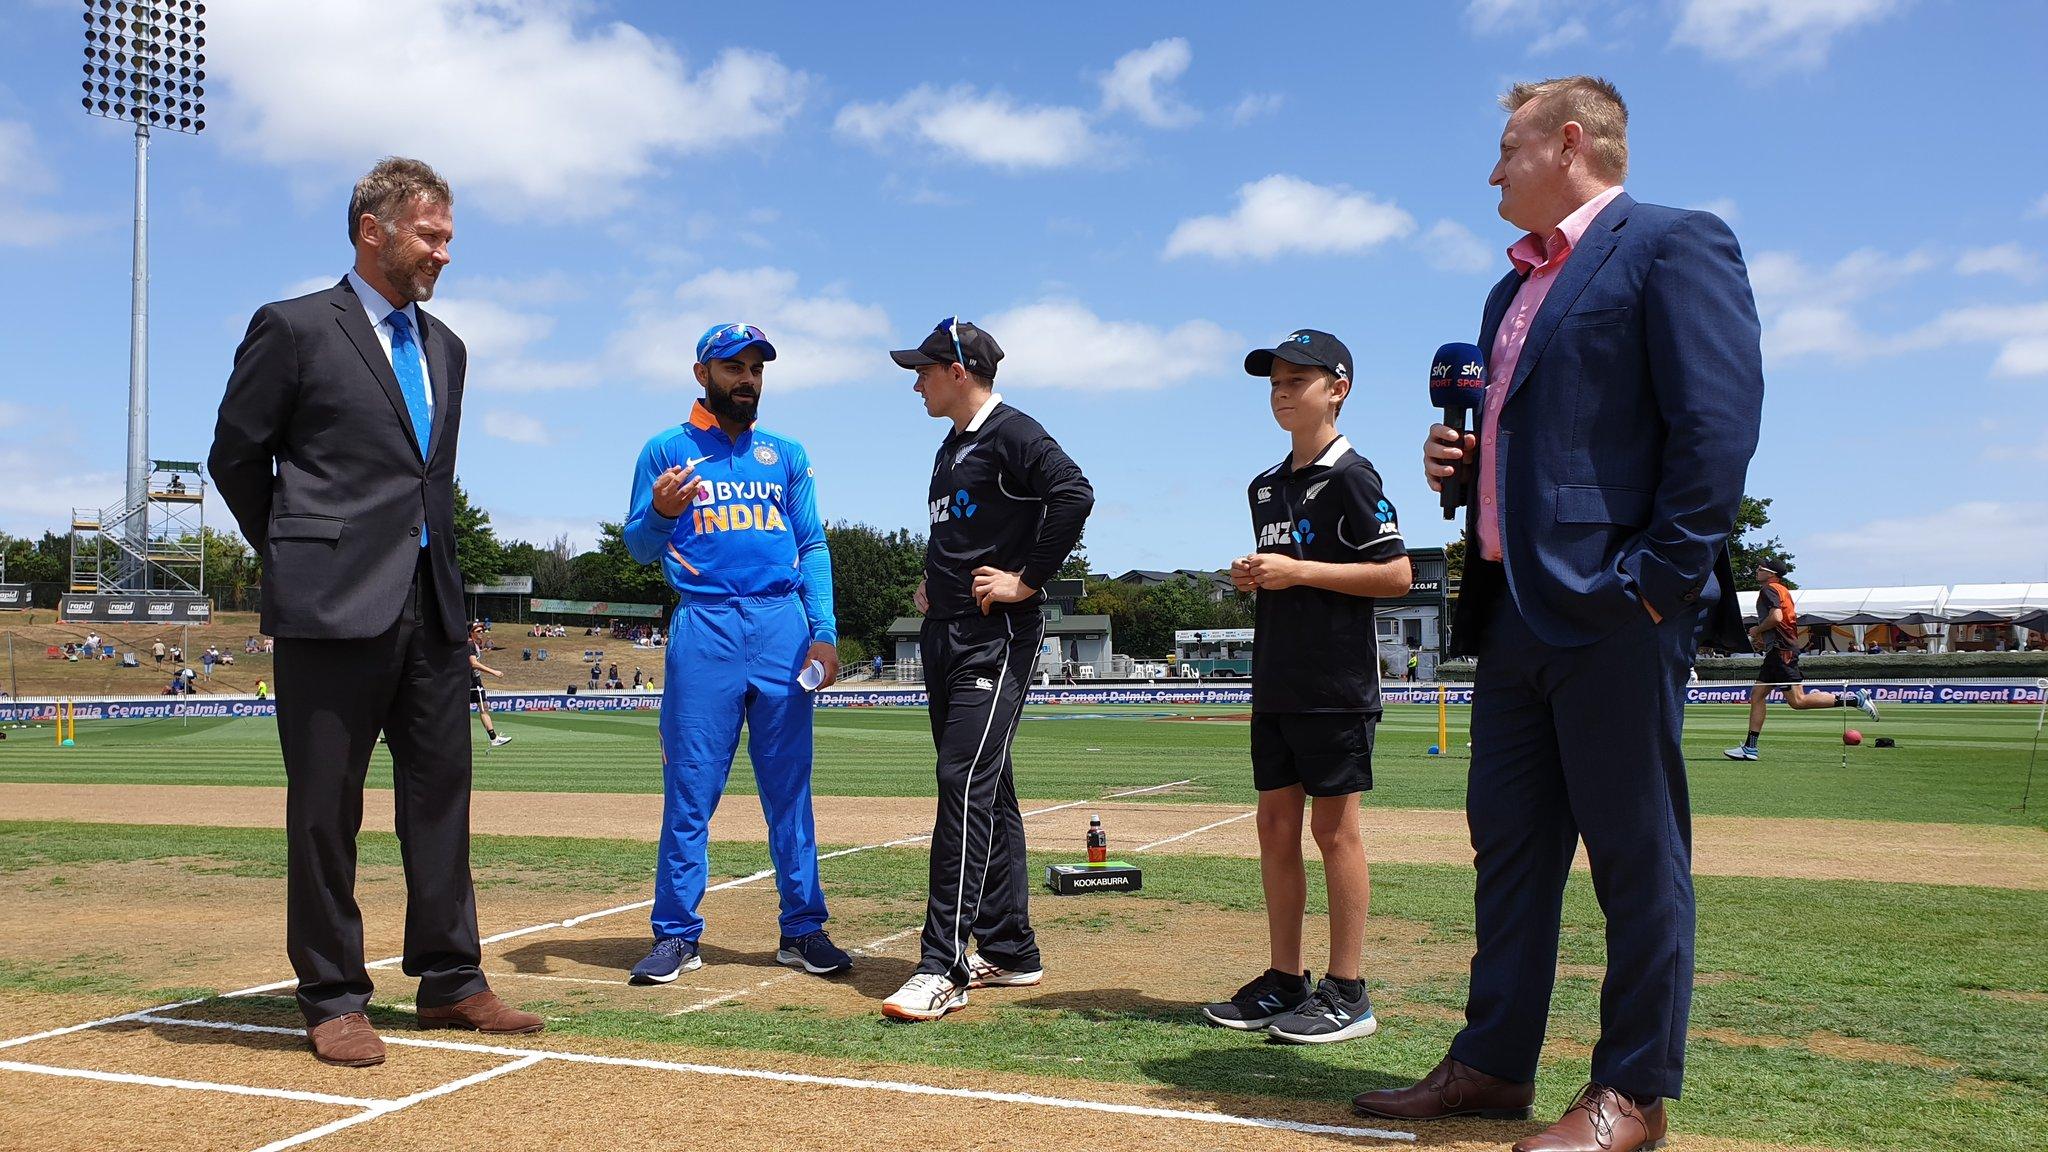 NZ vs IND, 2nd ODI: भारत ने टॉस जीता किया गेंदबाजी का फैसला, टीम में हुए यह दो बड़े बदलाव 11